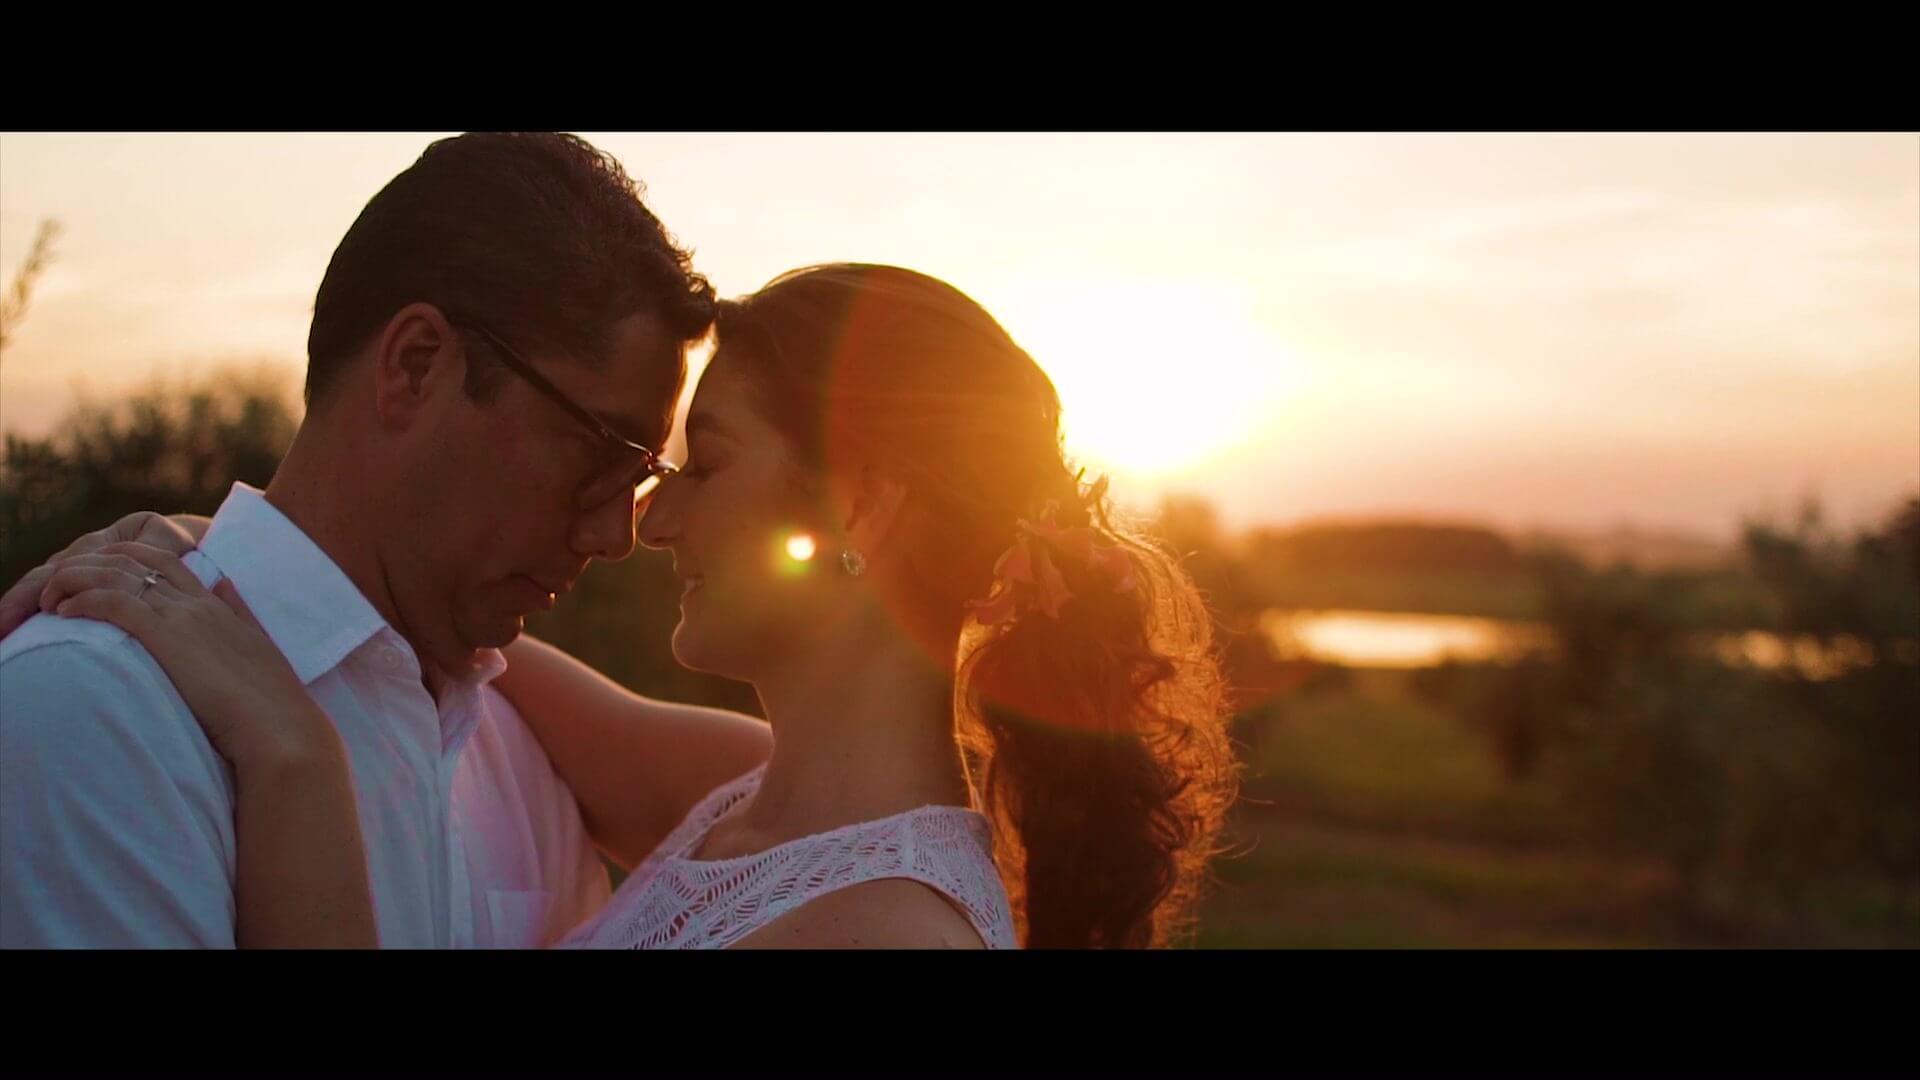 glenda_e_cassio_destination_wedding_fazenda_rio_grande_do_sul00022